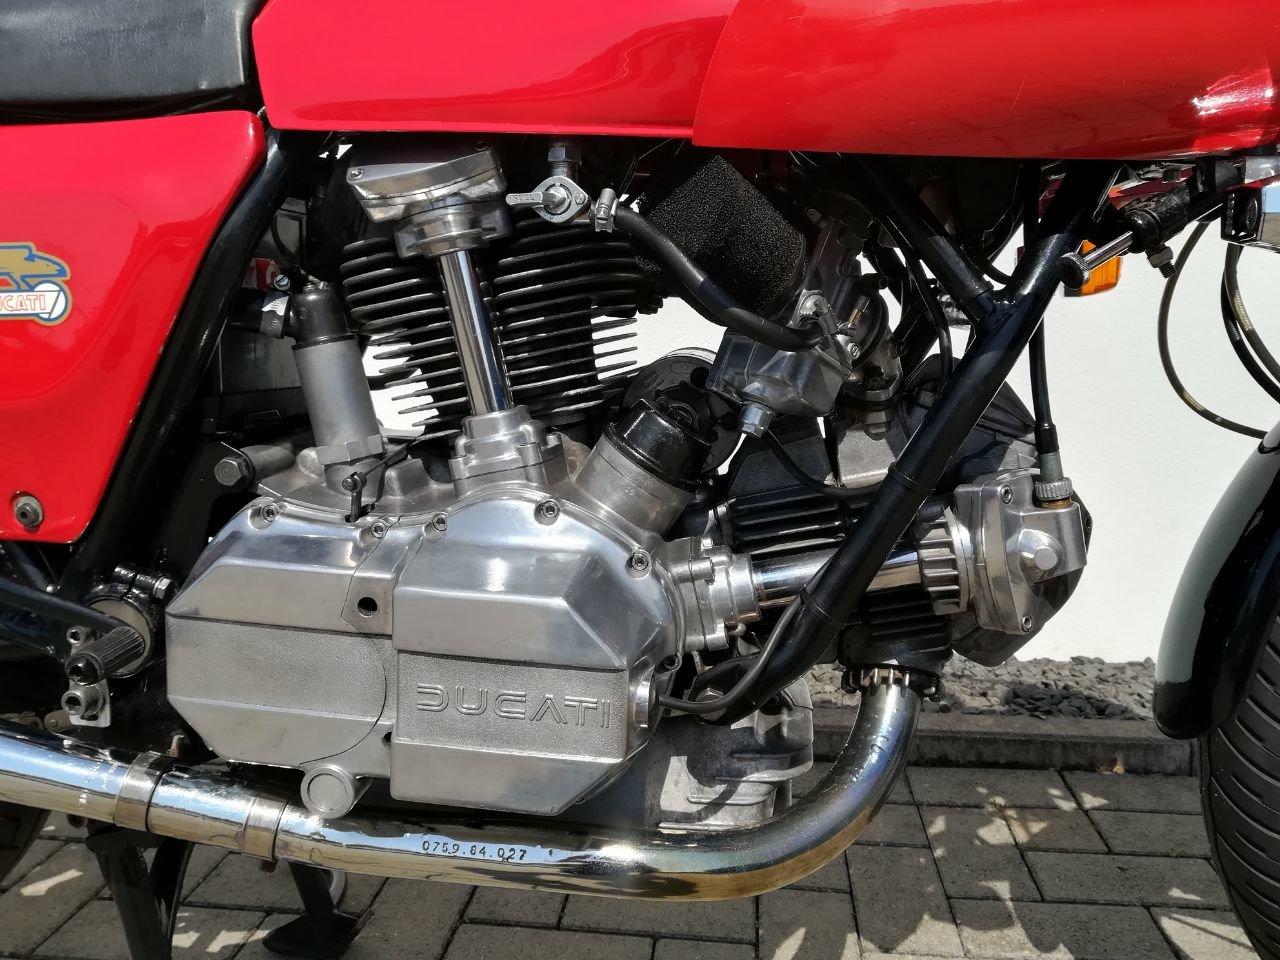 1983 Ducati 900 SS / D Imola Replica Bevel Desmo For Sale (picture 6 of 6)